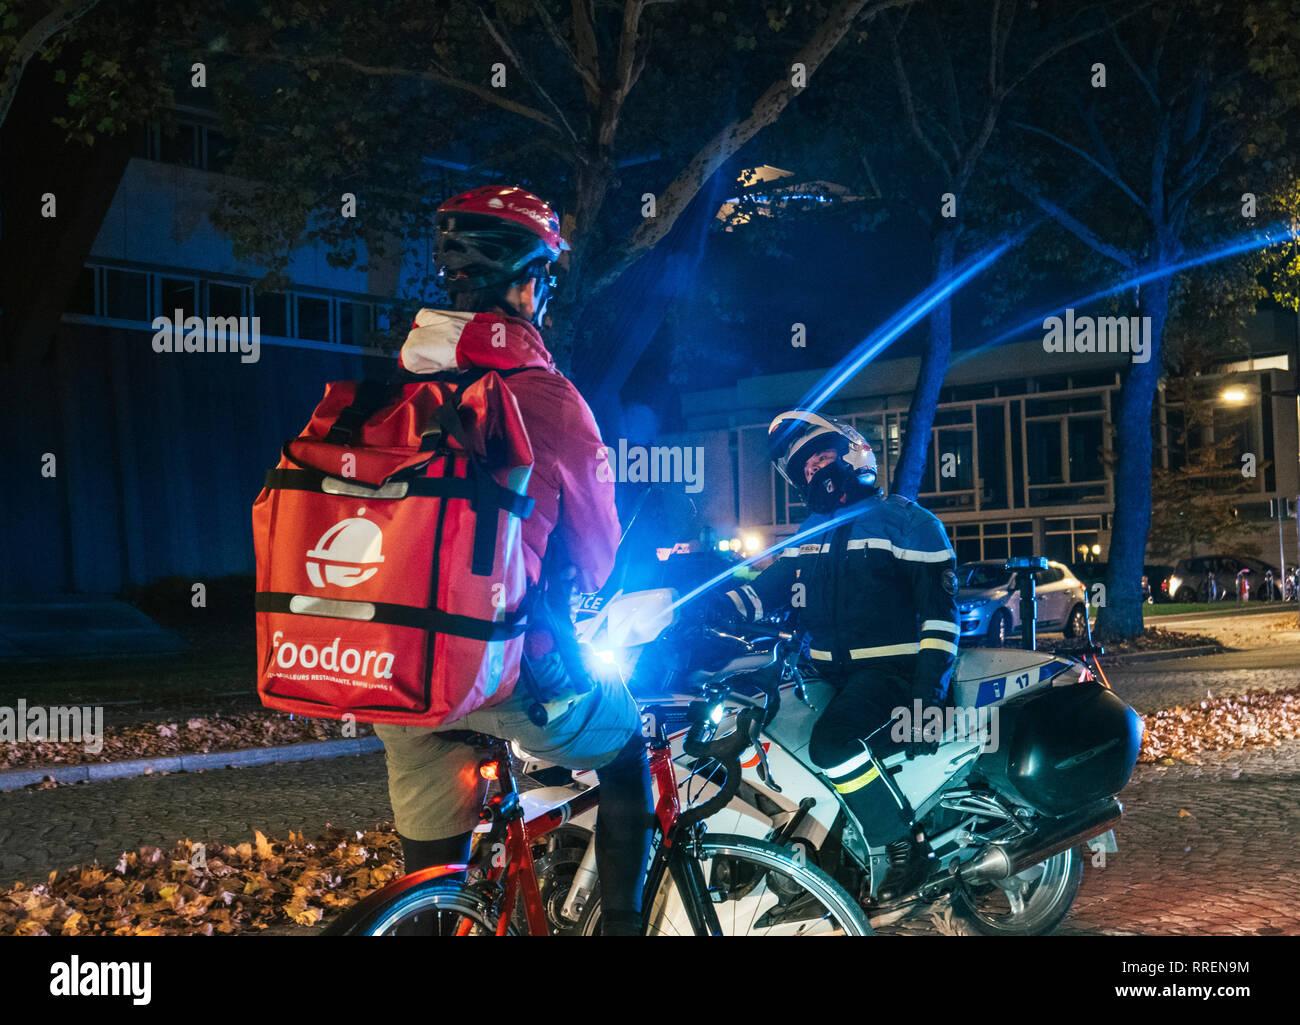 Strasburgo, Francia - Ott 27, 2018: Maschio funzionario di polizia bloccando la strada - Foodora ciclista a consegnare il cibo in attesa dovuta alla delegazione ufficiale visita Immagini Stock